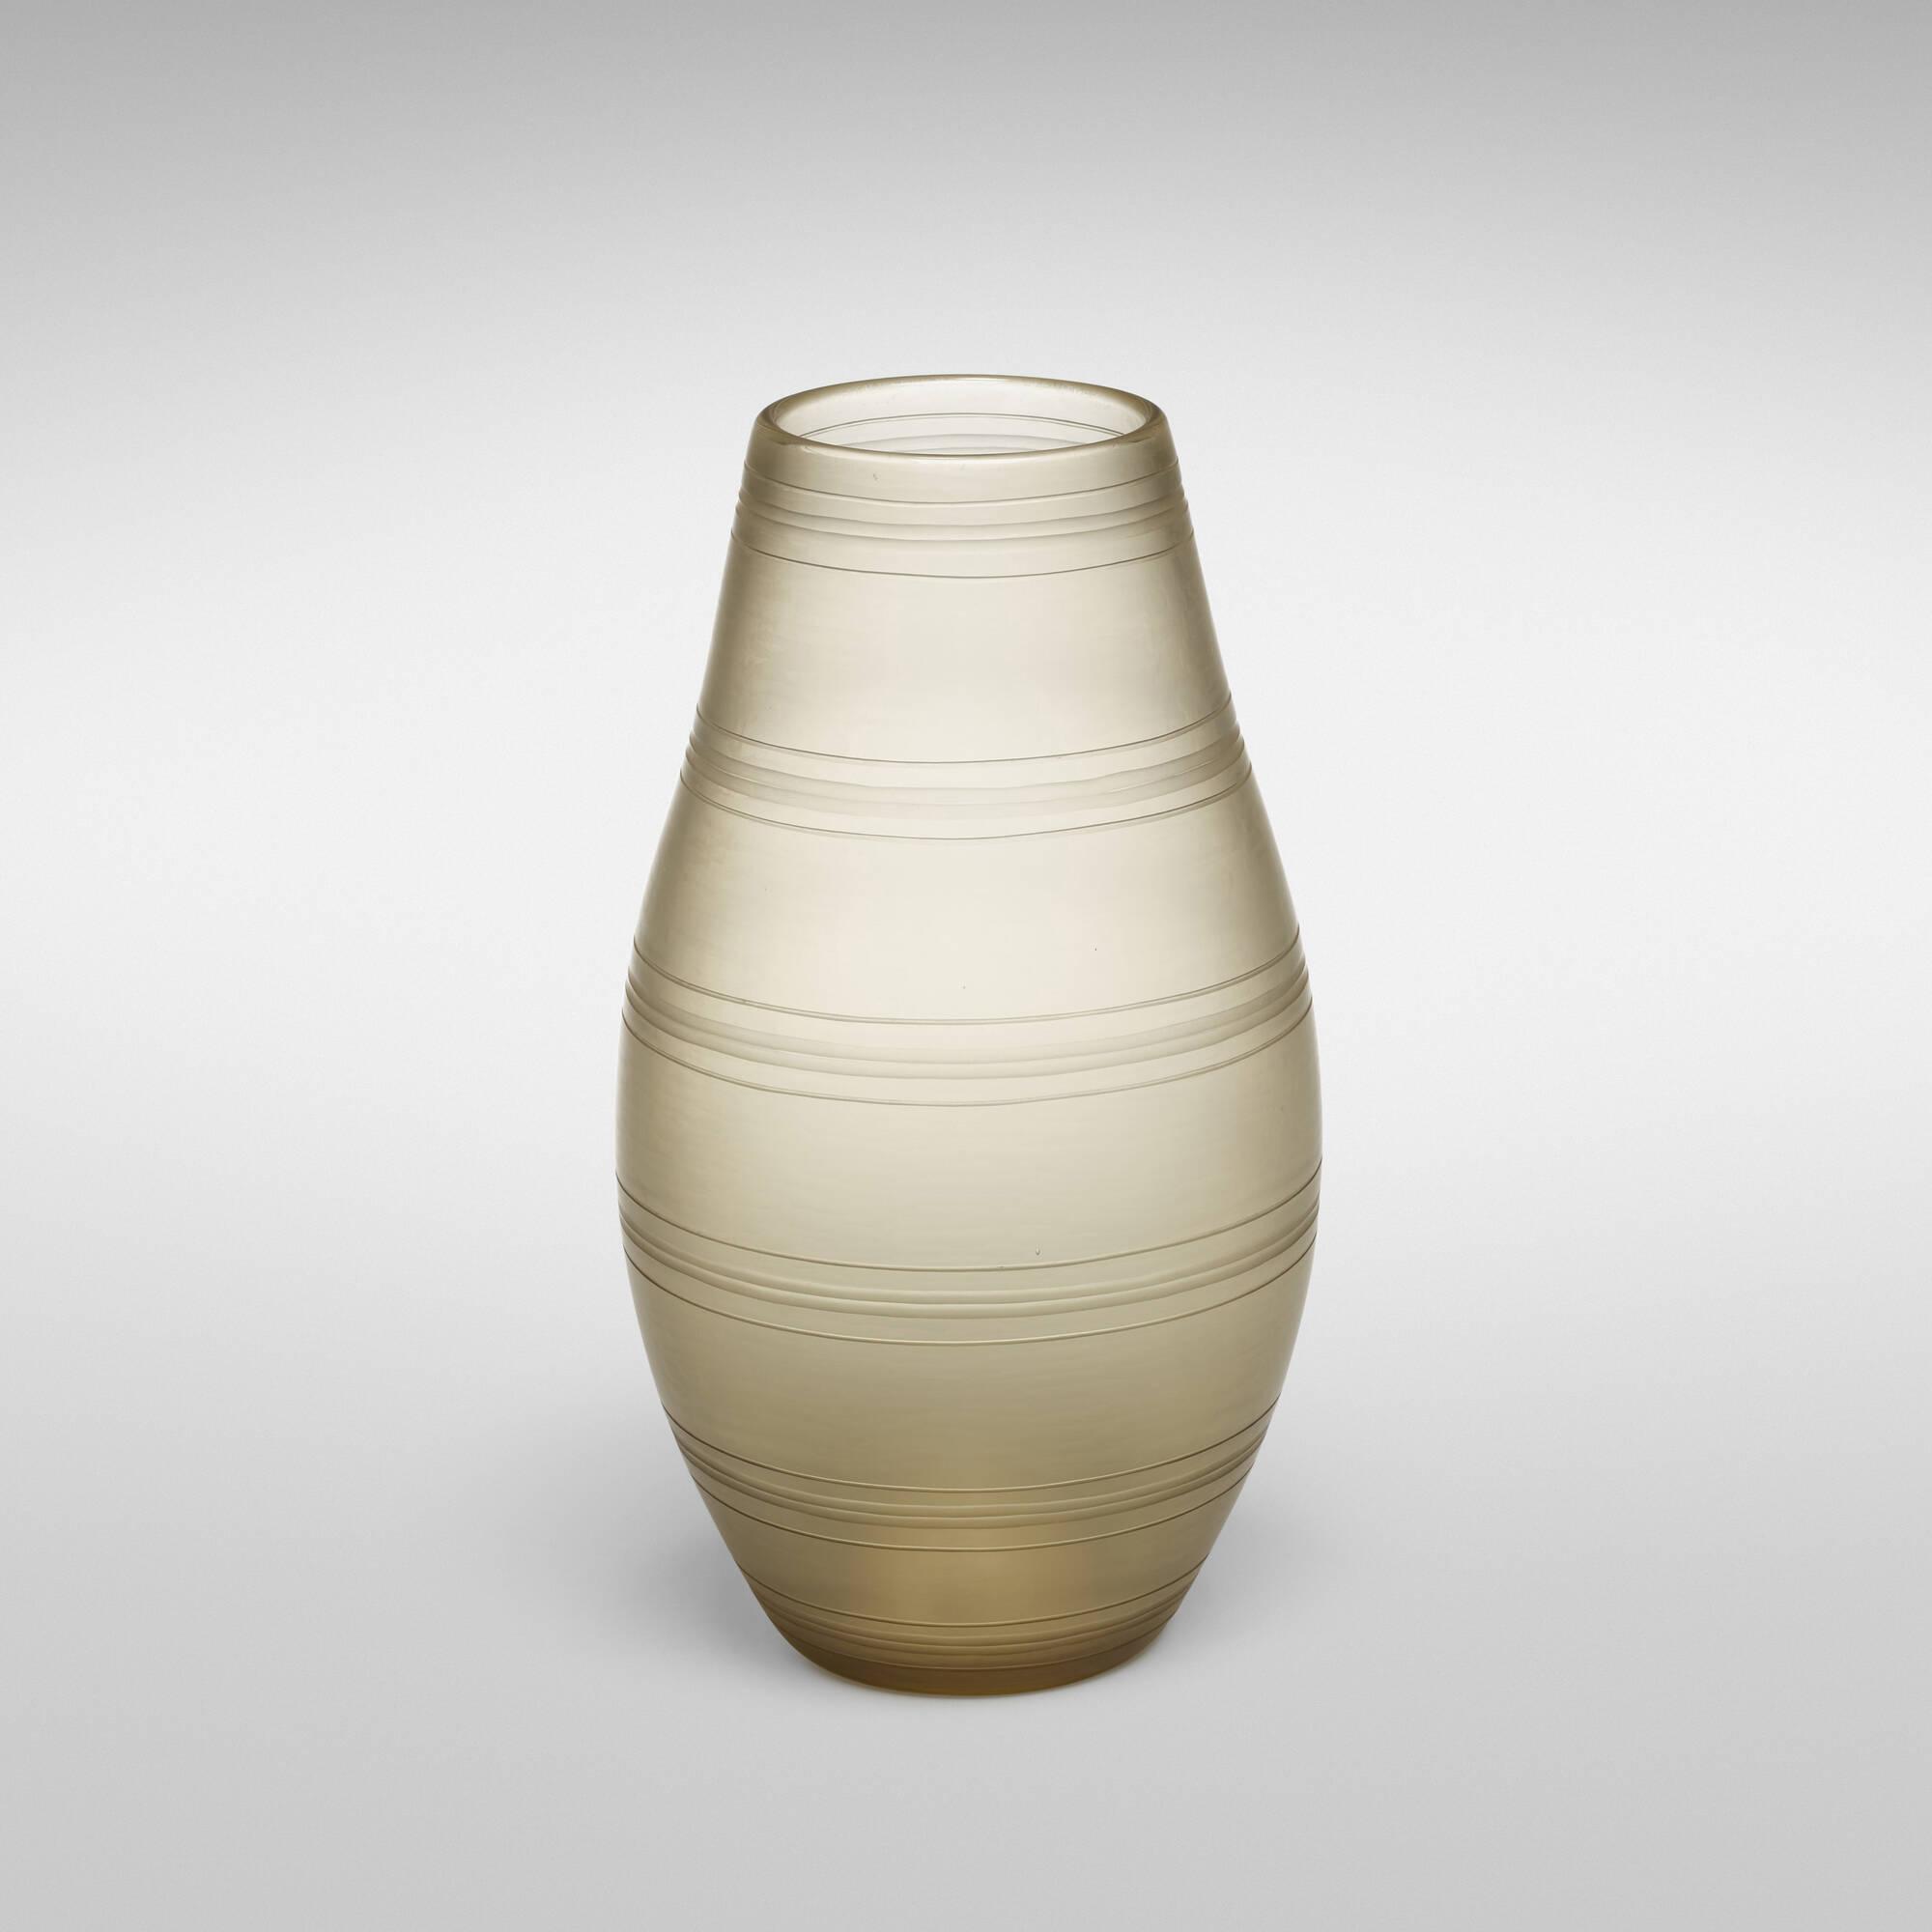 128 carlo scarpa rare inciso velato vase model 3791 important 128 carlo scarpa rare inciso velato vase model 3791 2 of 3 floridaeventfo Image collections